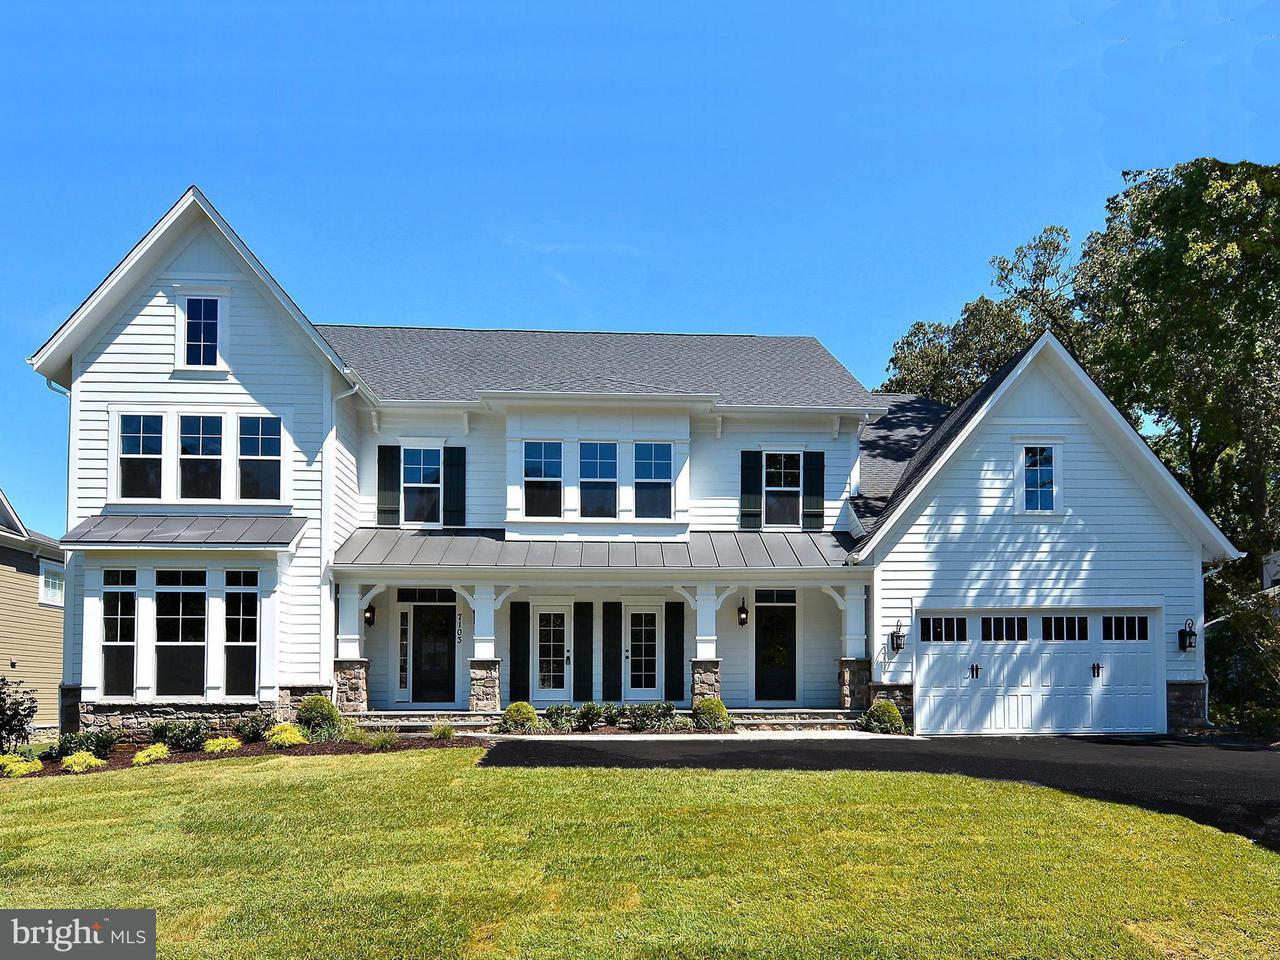 Maison unifamiliale pour l Vente à 12464 Margaret Thomas Lane 12464 Margaret Thomas Lane Herndon, Virginia 20171 États-Unis